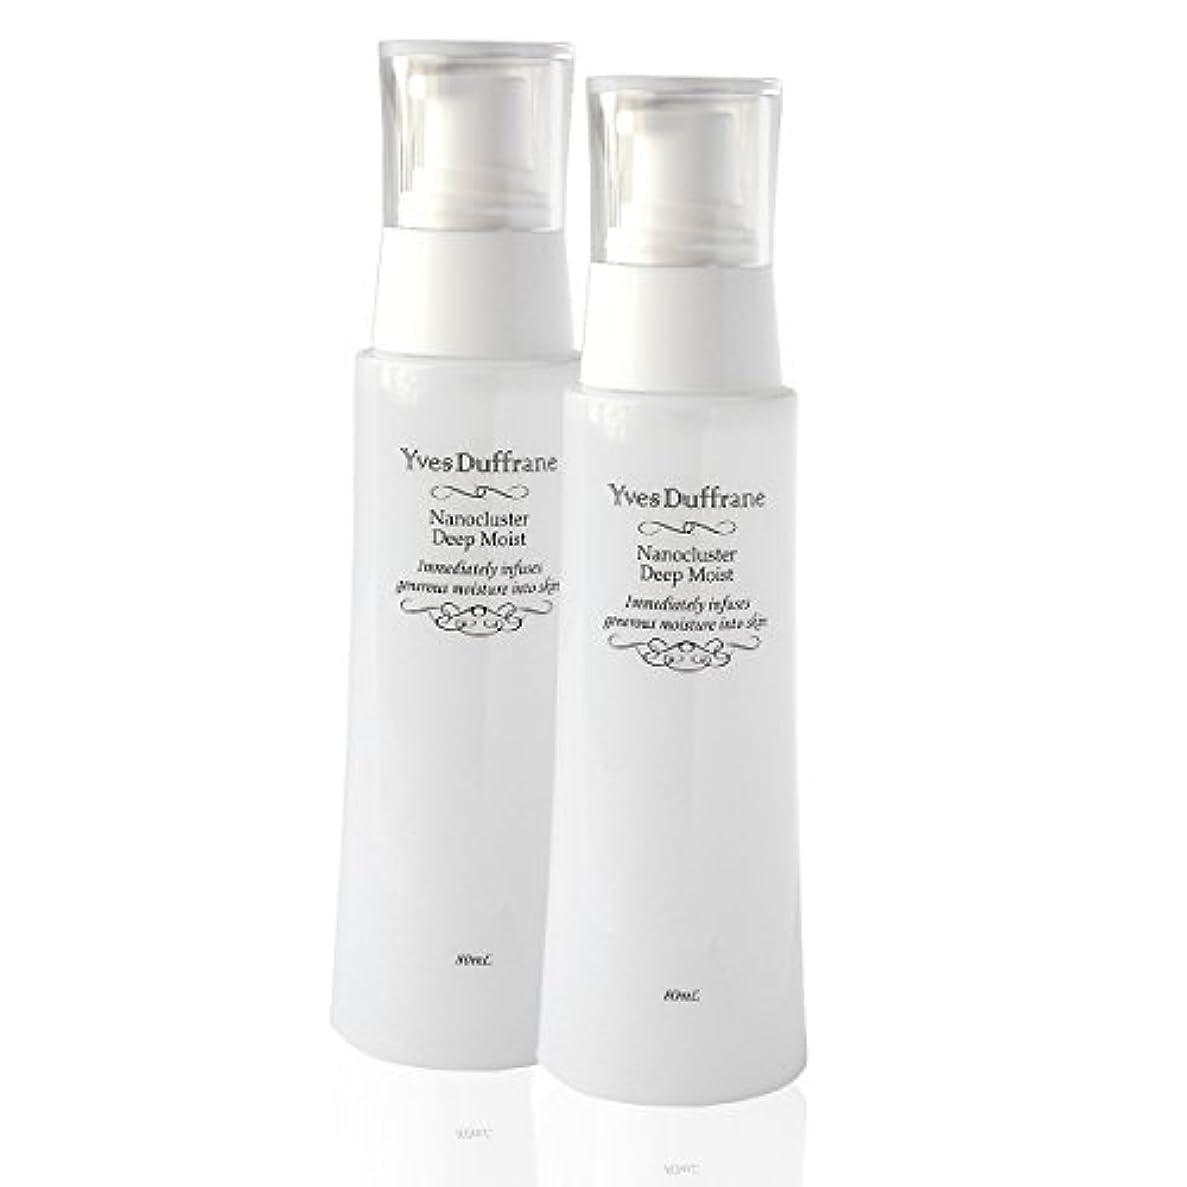 治すそんなに認証化粧水 ( ナノ化粧水 2点セット)ナノ化 スクワラン 乾燥 毛穴 敏感肌 高保湿 高浸透 高品質 メンズ OK